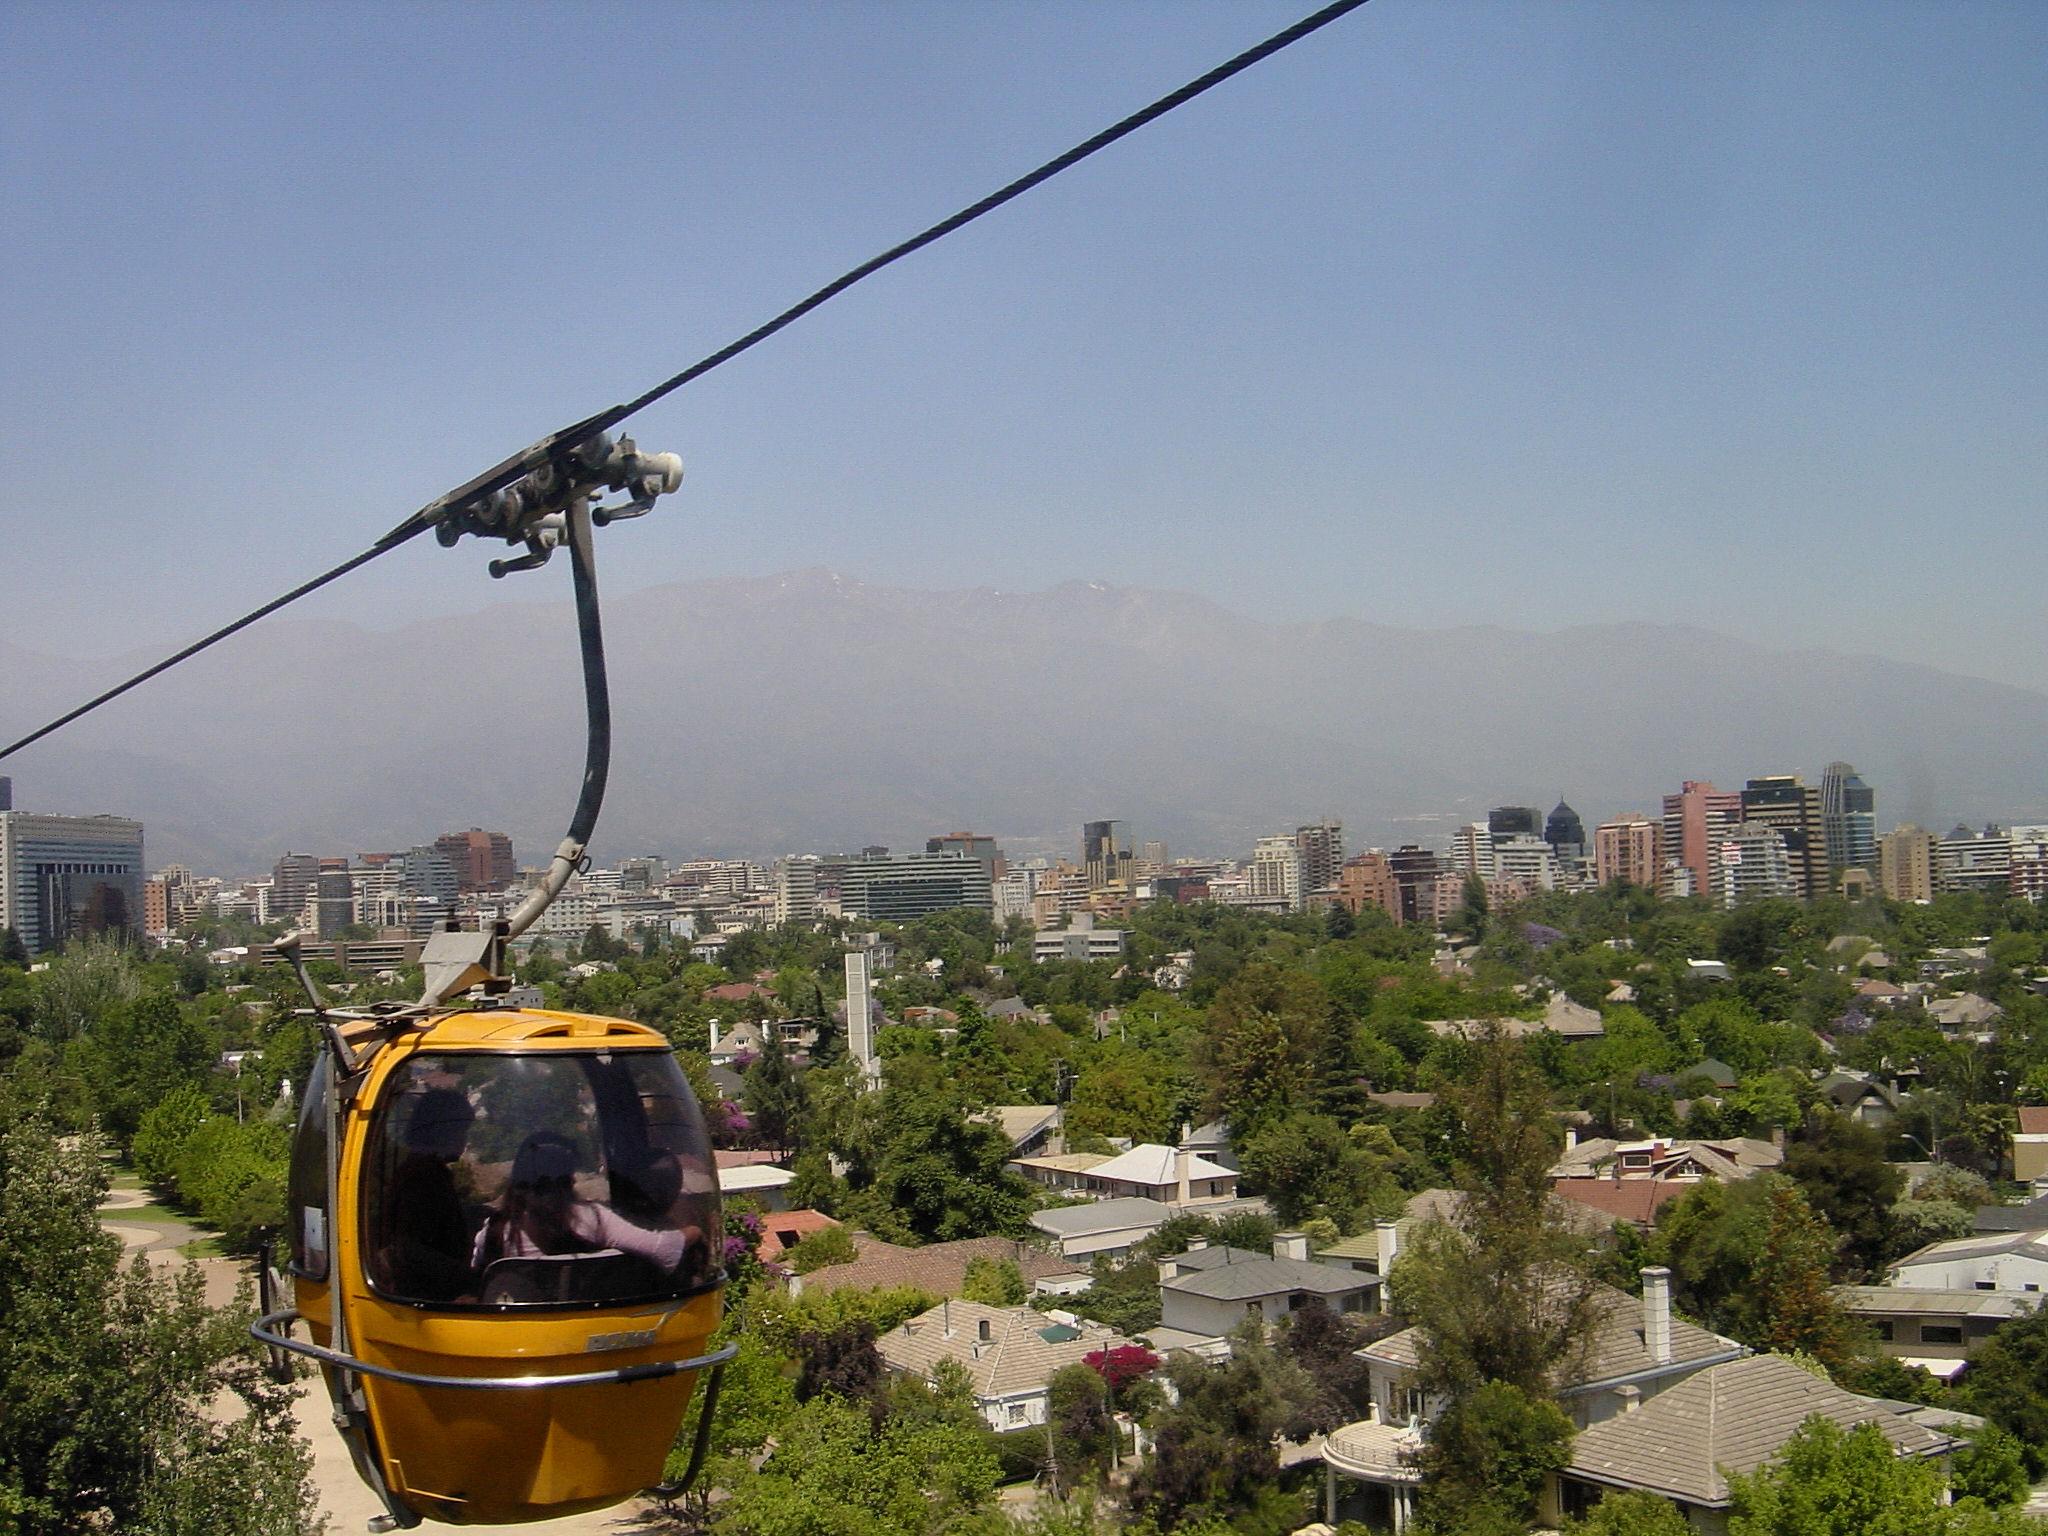 File:Teleférico de Santiago.jpg - Wikimedia Commons